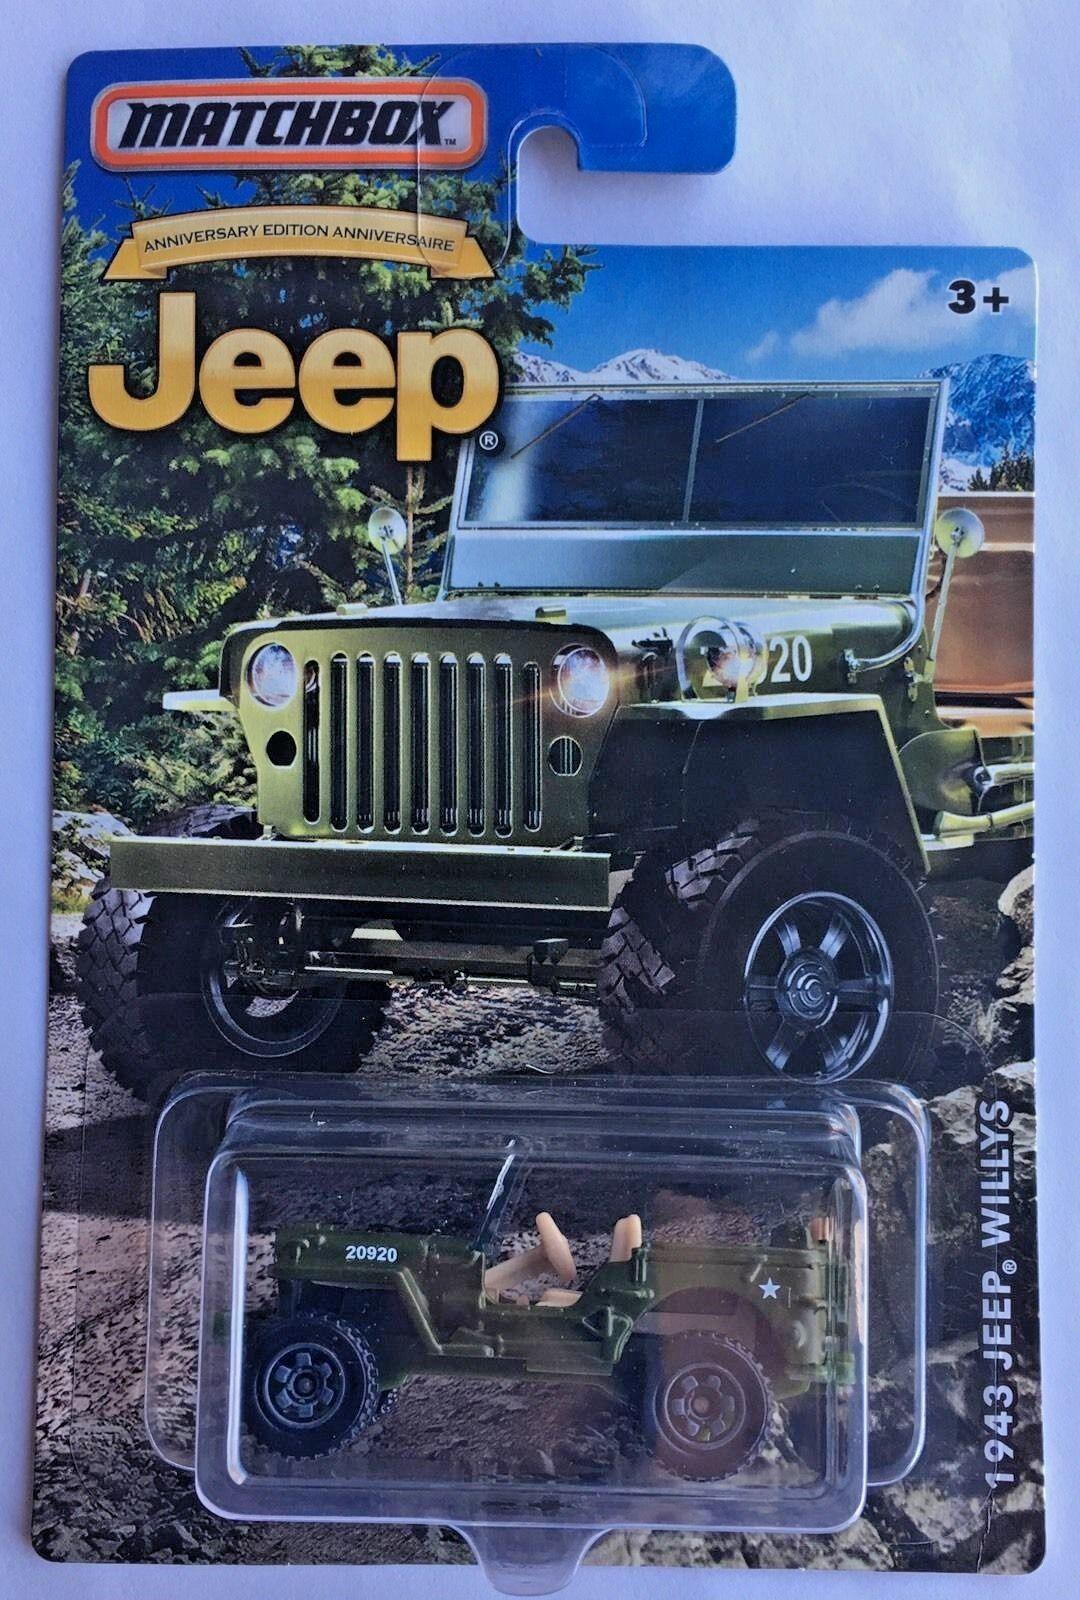 Matchbox Jeep Willys MB US Army Military CJ M38 GPW Bantam Quad Ford War Walmart